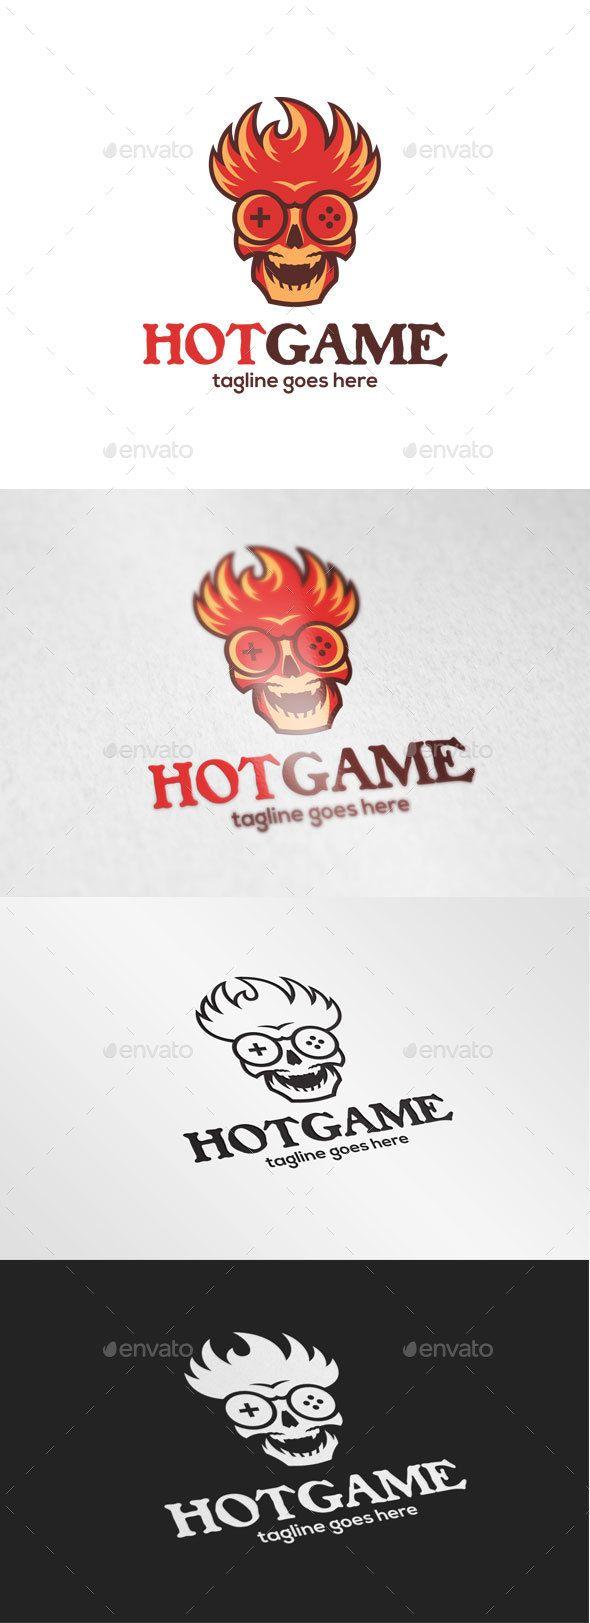 Fire Skull Game Logo Template Vector EPS, AI Illustrator. Download here: http://graphicriver.net/item/fire-skull-game-logo/15529999?ref=ksioks